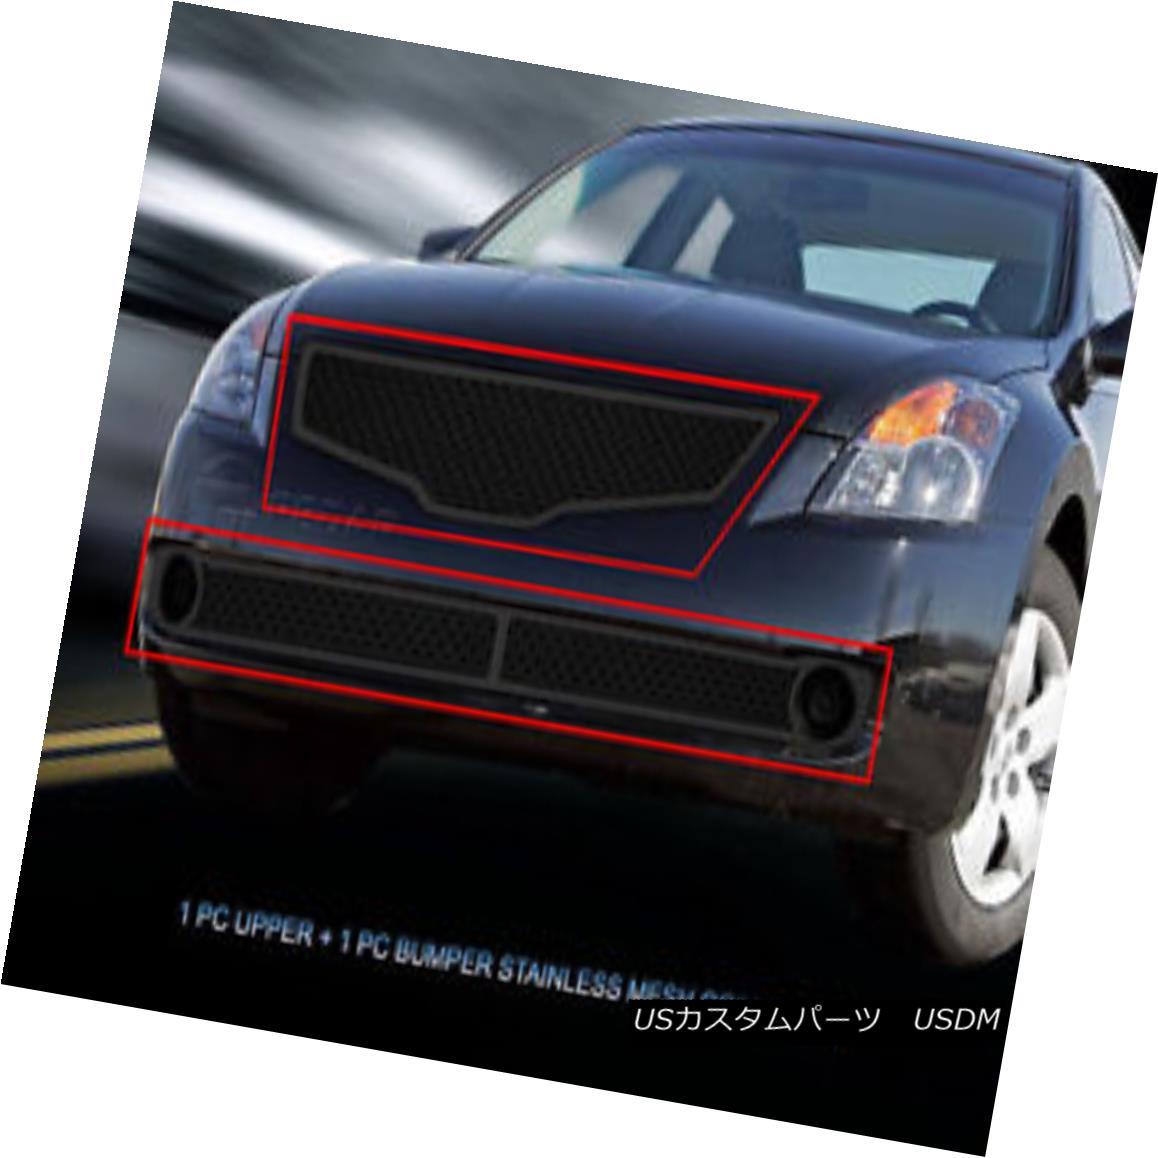 グリル Fedar Fits 07-09 Nissan Altima Sedan Full Black Dual Weave Mesh Grille Combo フェデラルフィット07-09日産アルティマセダンフルブラックデュアルウィーブメッシュグリルコンボ